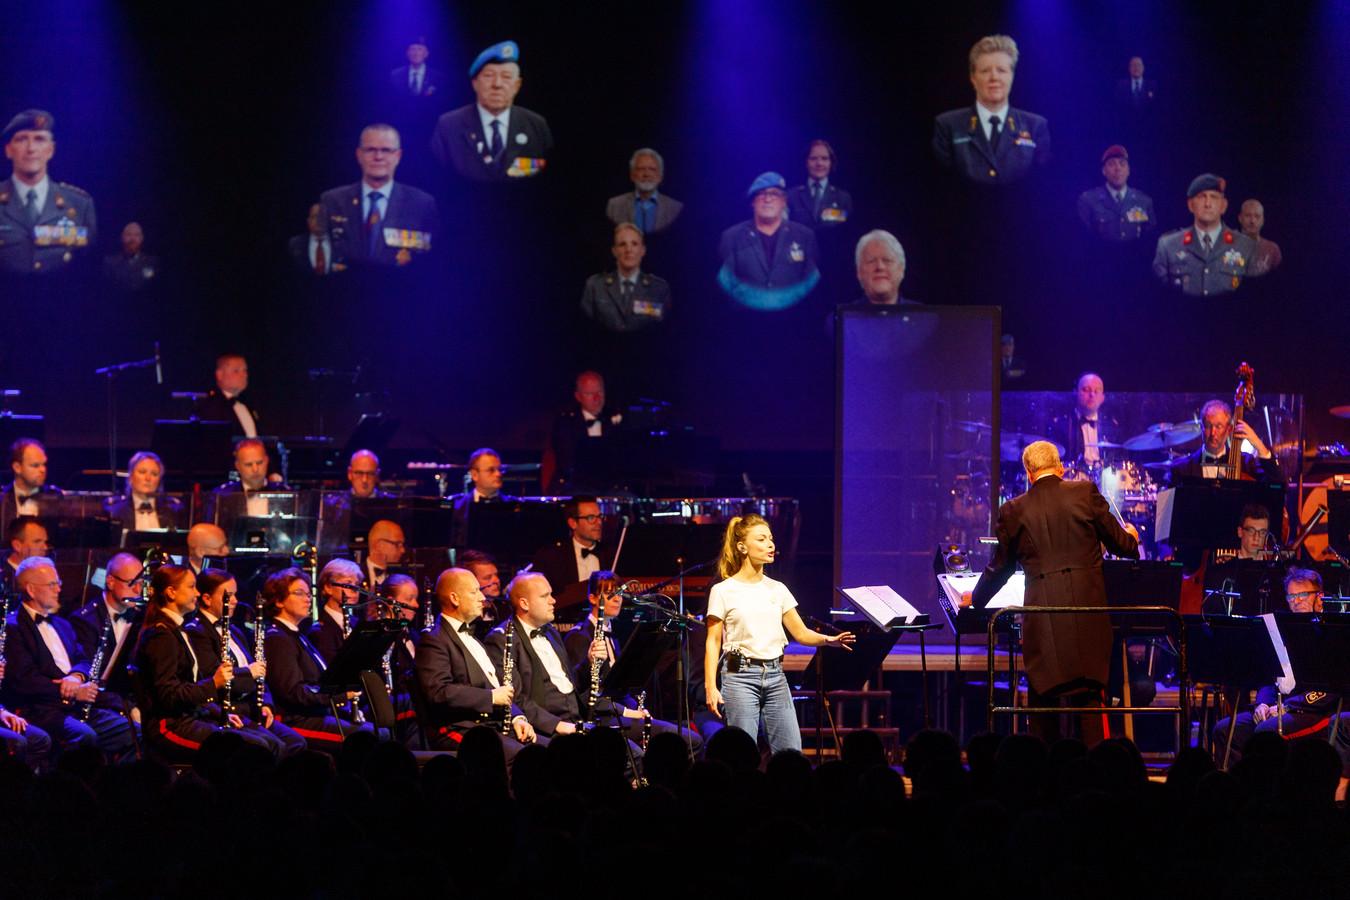 Bij het concert van de koninklijke militaire kapel Johan Willem Friso speelden veteranen een voorname rol. Op beeldschermen was er ook aandacht voor hun missies en hun inzet voor de vrede.